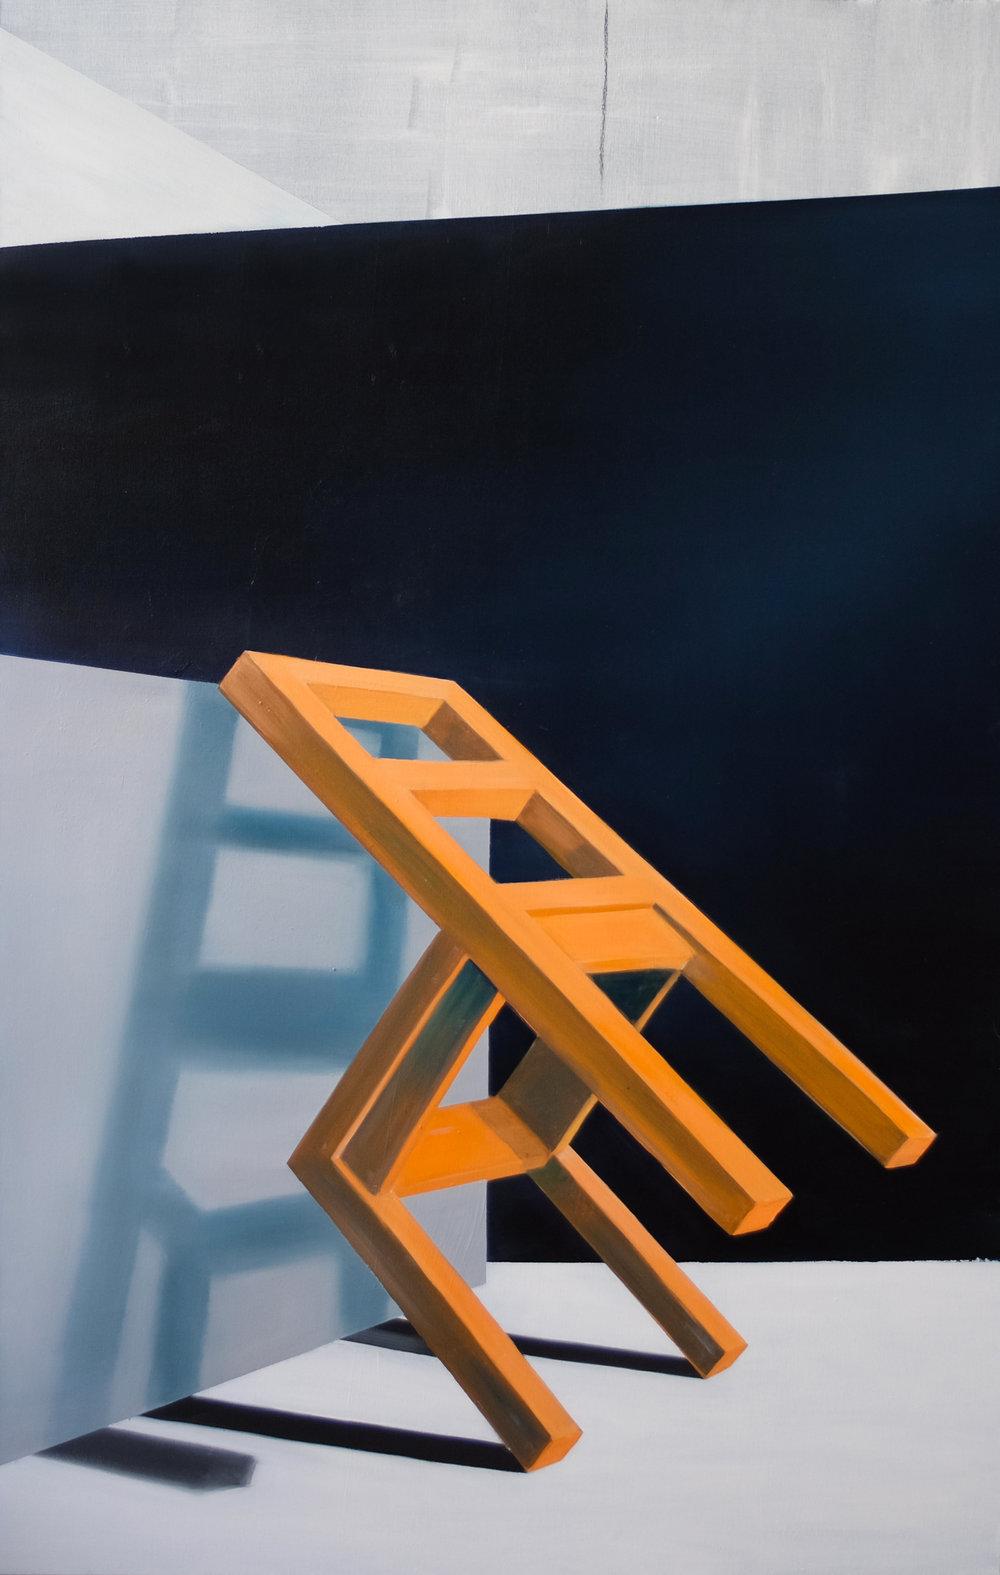 untitled, 140 x 90 cm, olieverf op doek, 2017